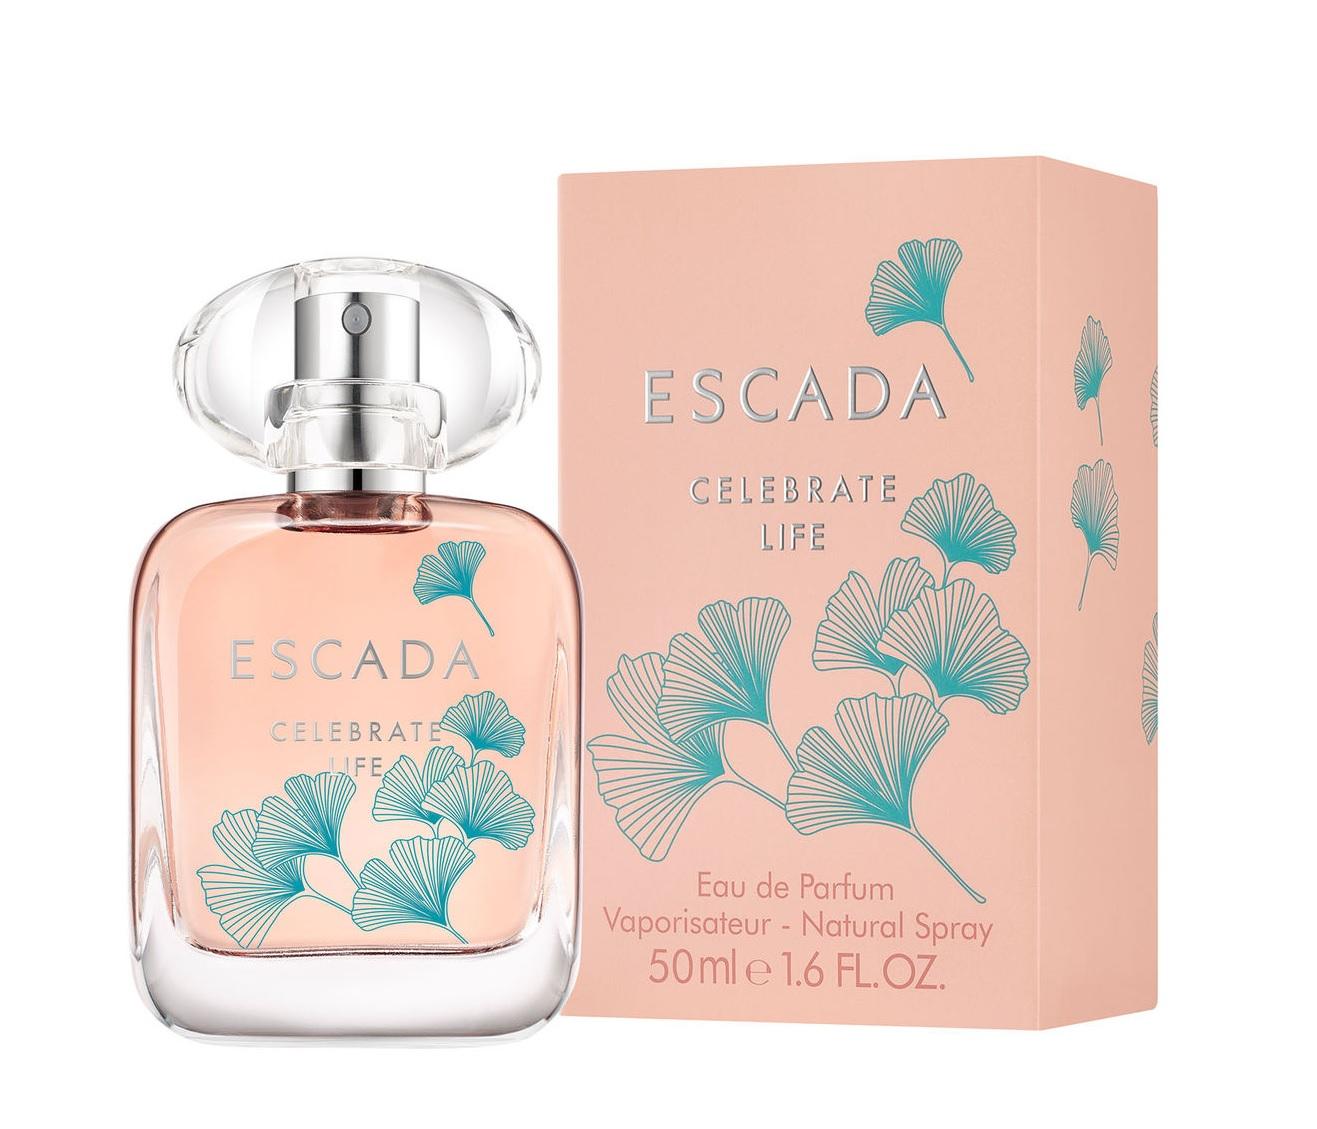 24231a741 Escada Celebrate Life العطر الجديد من إسكادا ~ إصدار جديد